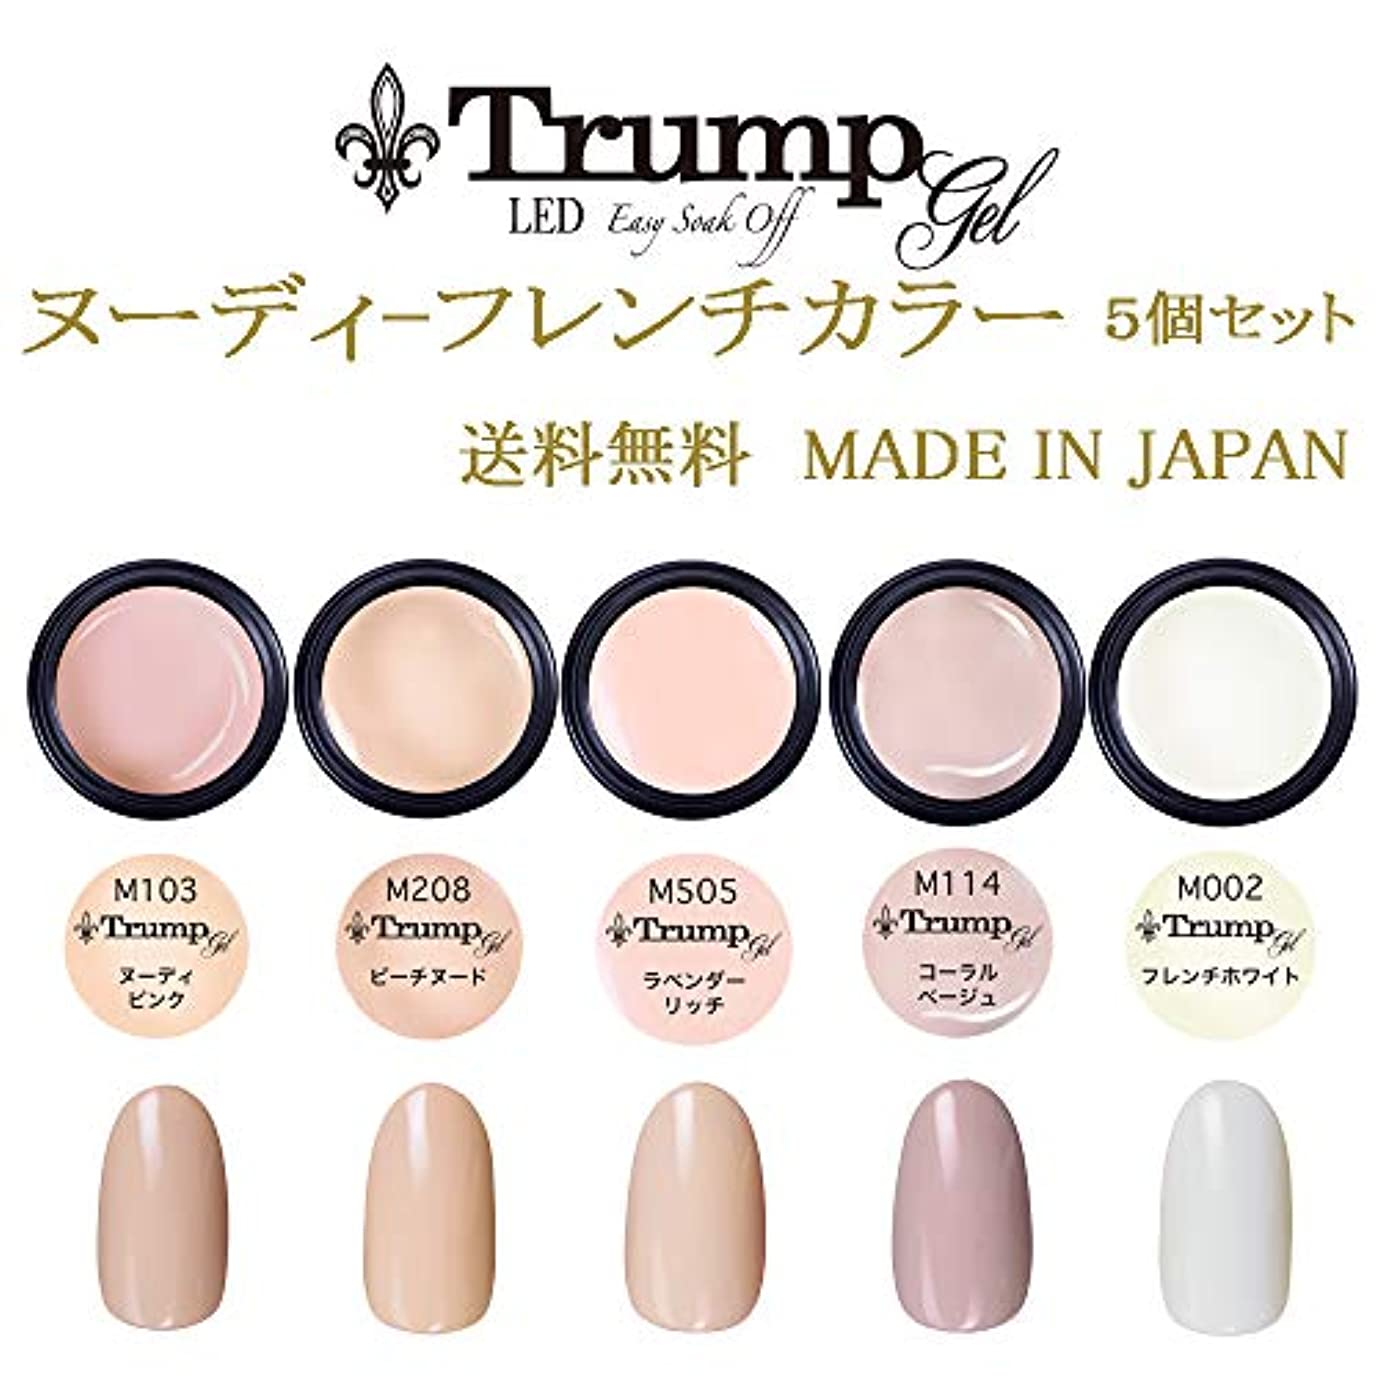 【送料無料】日本製 Trump gel トランプジェルヌーディフレンチカラージェル 5個セット 肌馴染みの良い ヌーデイフレンチカラージェルセット